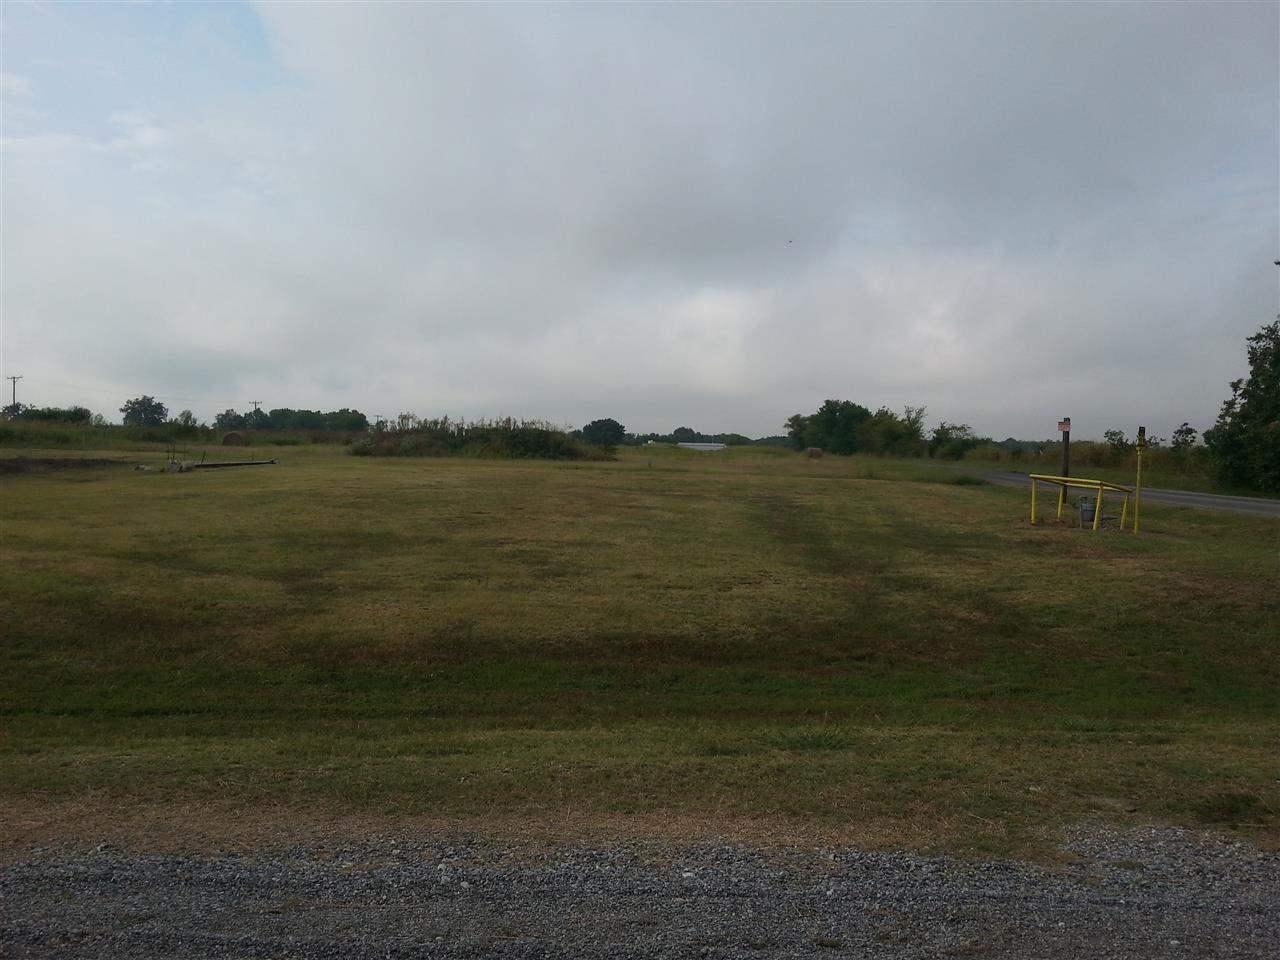 Image of Acreage for Sale near Coalgate, Oklahoma, in Coal County: 0.23 acres